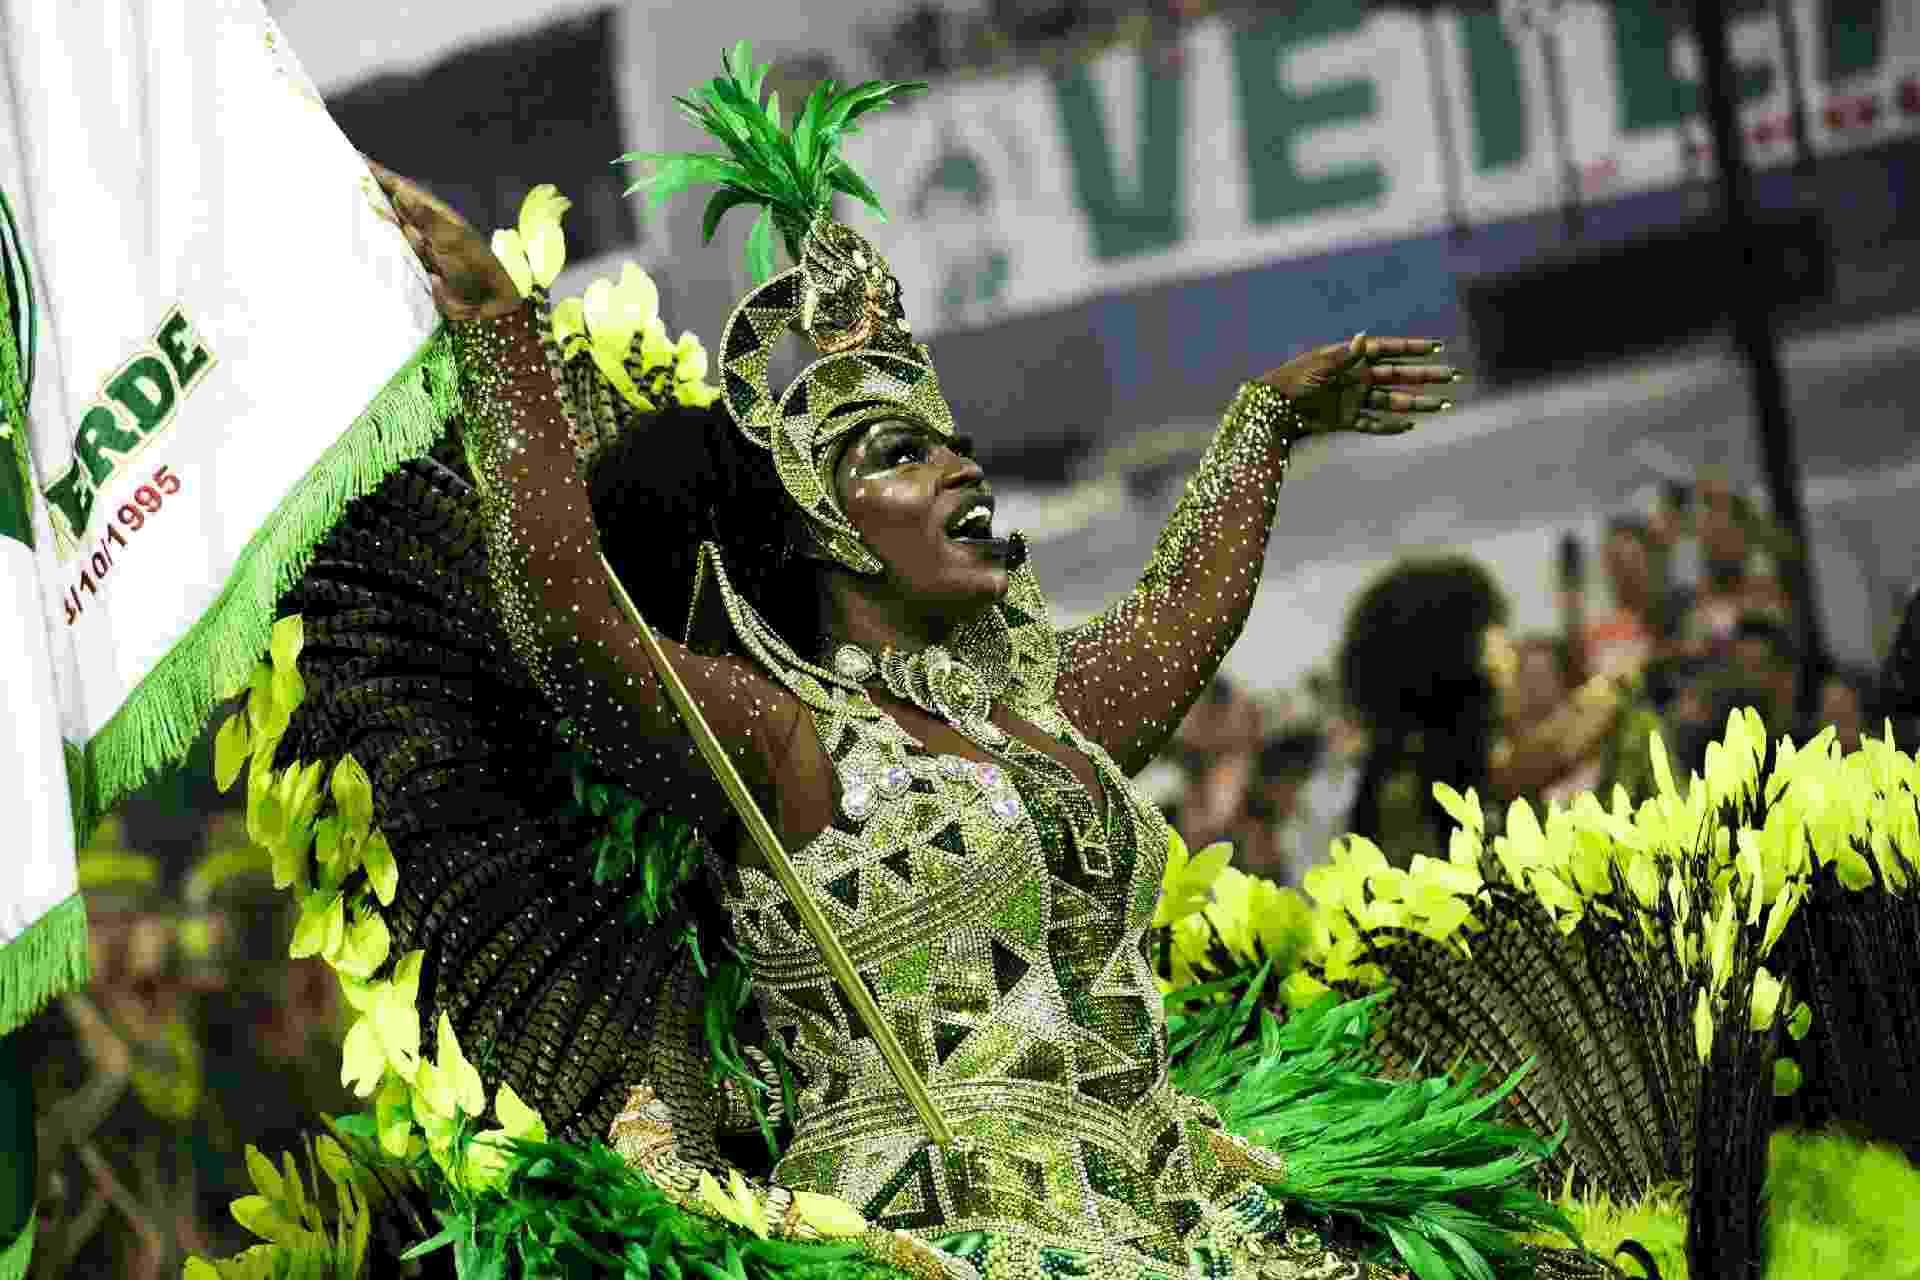 Porta-bandeira desfila com a Mancha Verde no Desfile das Campeões, em São Paulo - Mariana Pekin/UOL